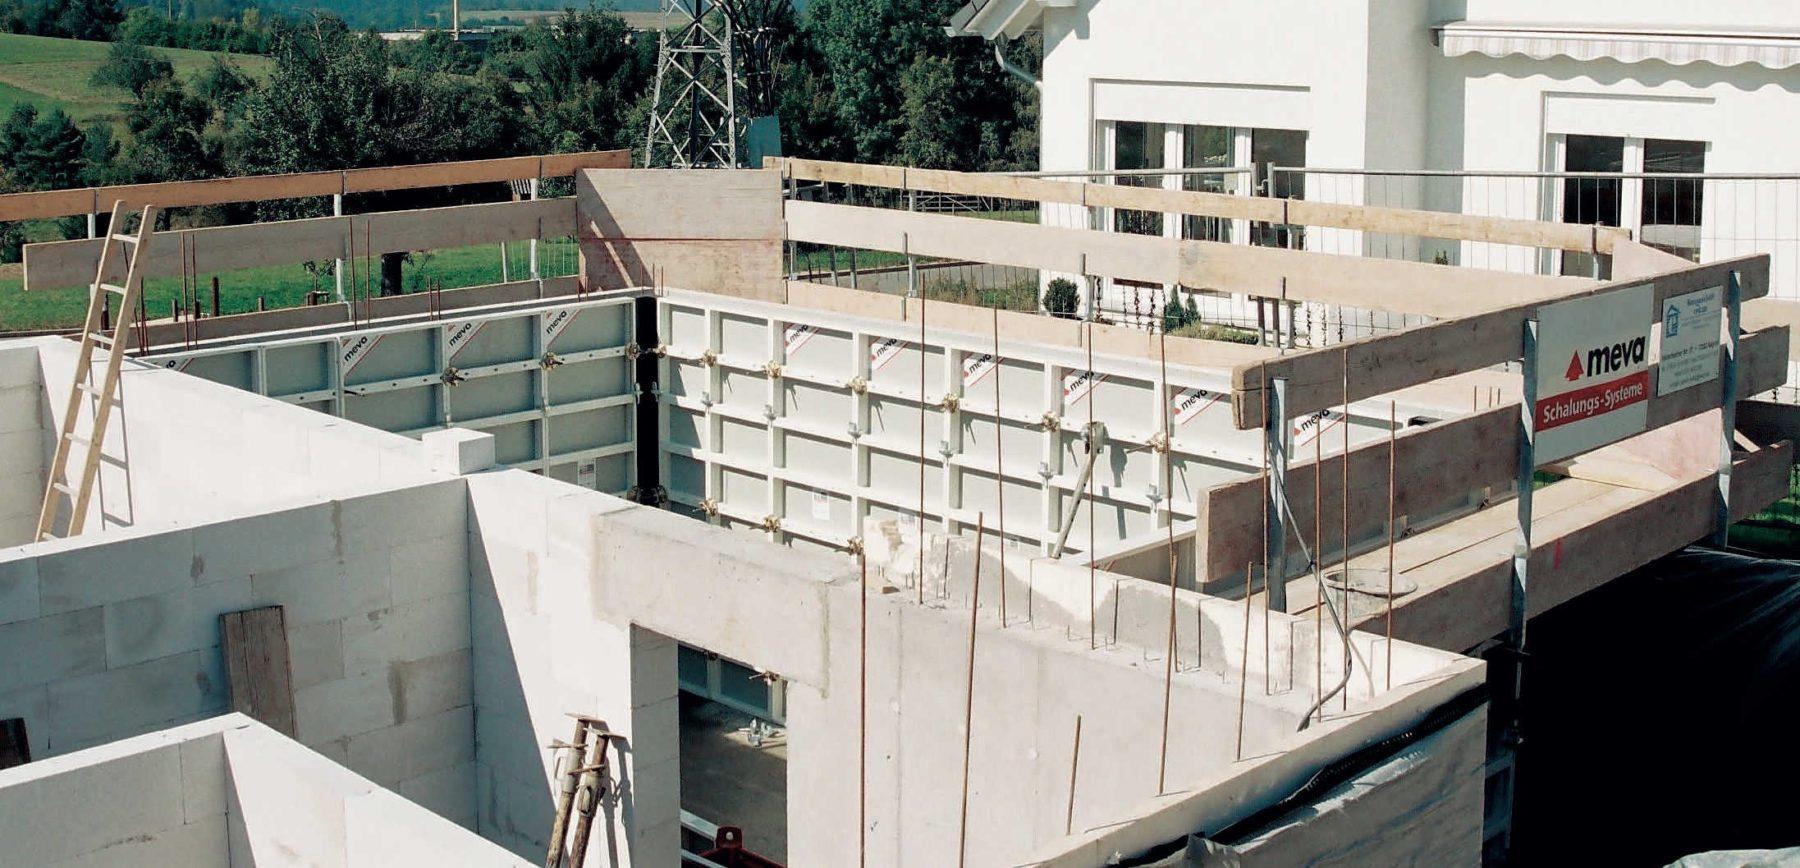 Moderne Wandschalungen im Rohbau. Foto: Meva